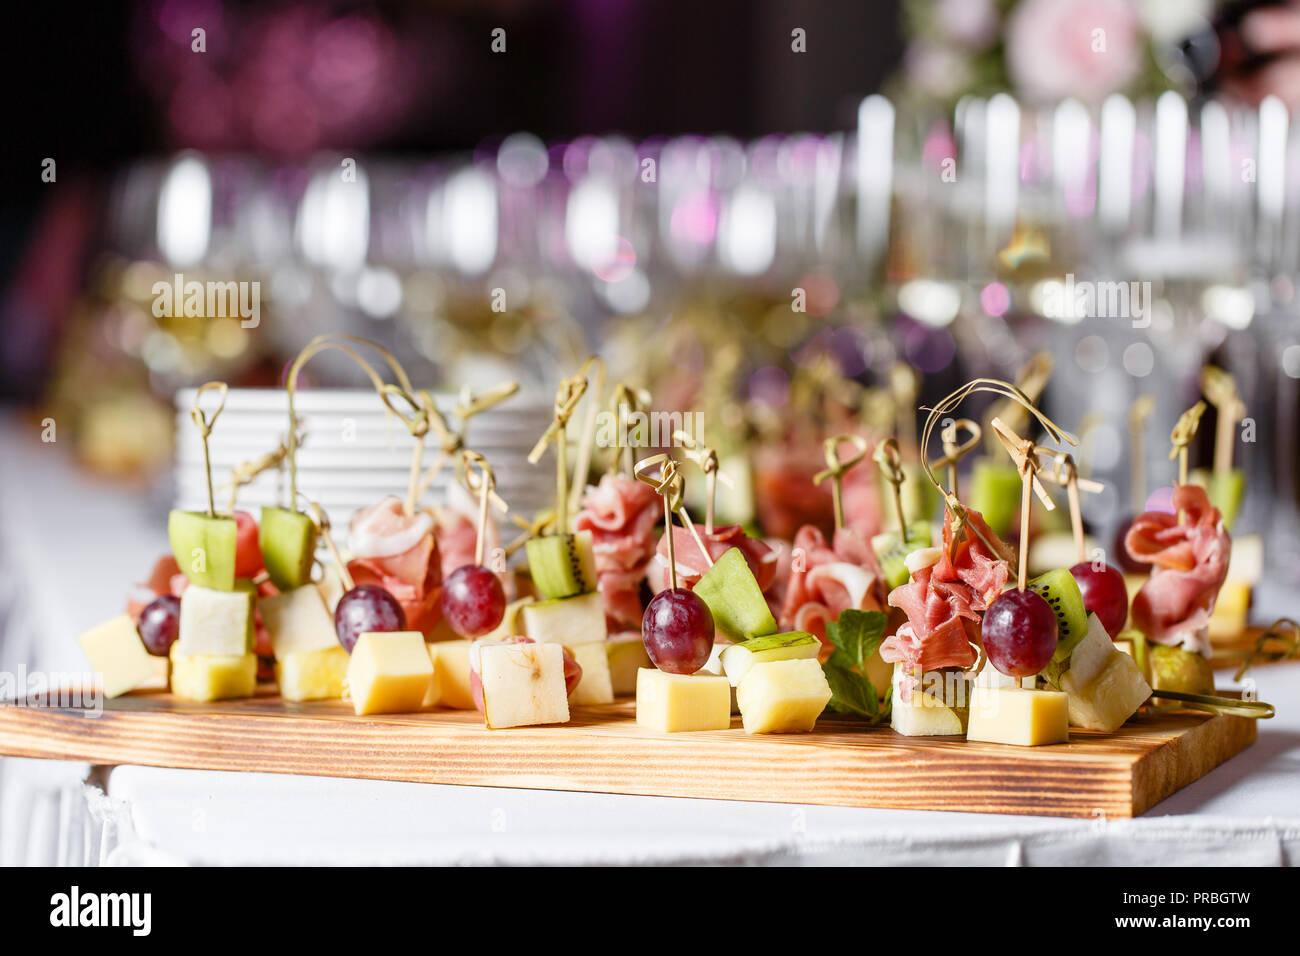 Il buffet presso la reception. Bicchieri di vino e champagne. Assortimento di tartine sulla tavola di legno. Servizio banchetti. catering food, snack al formaggio, prosciutto, prosciutto e frutta Immagini Stock